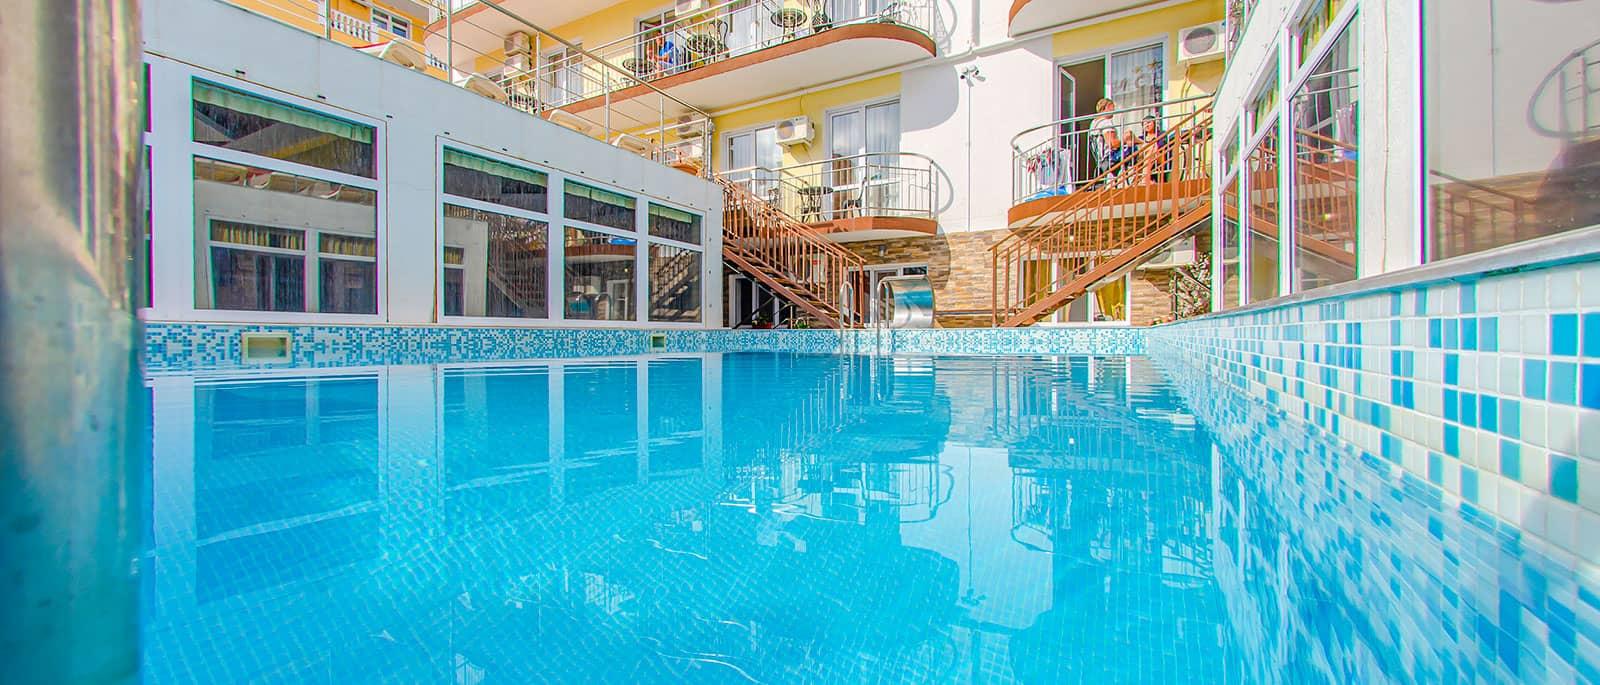 Витязеово гостевой дом с бассейном